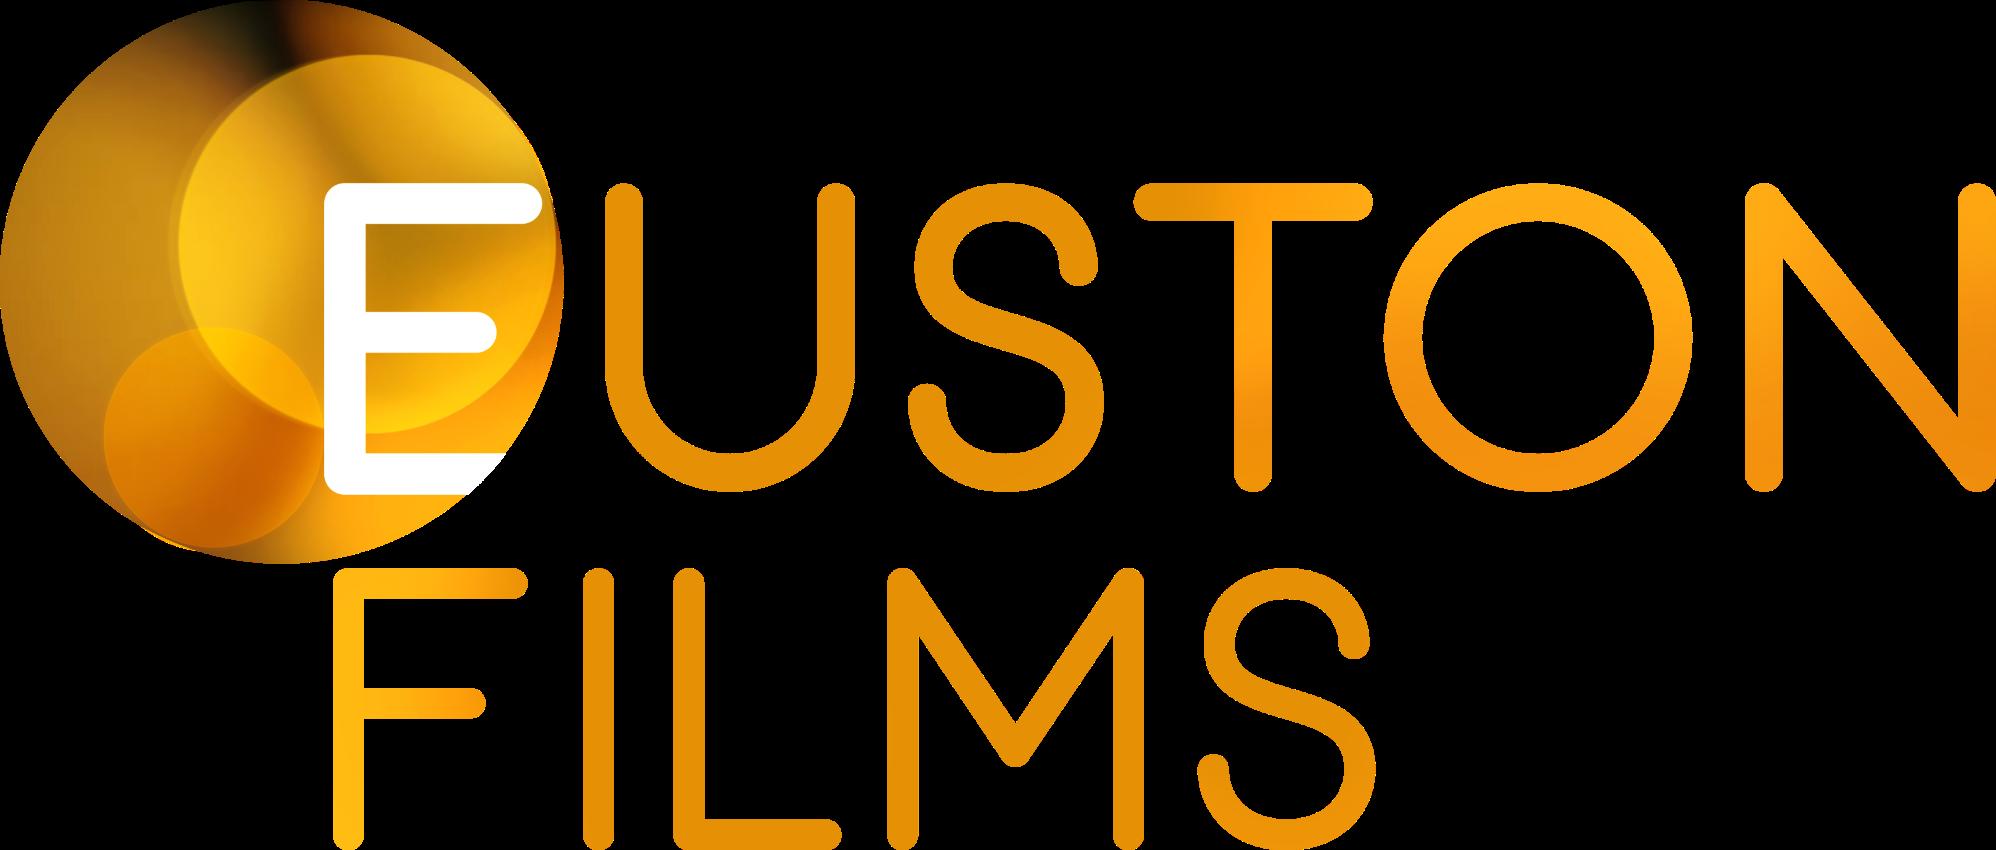 Euston Films